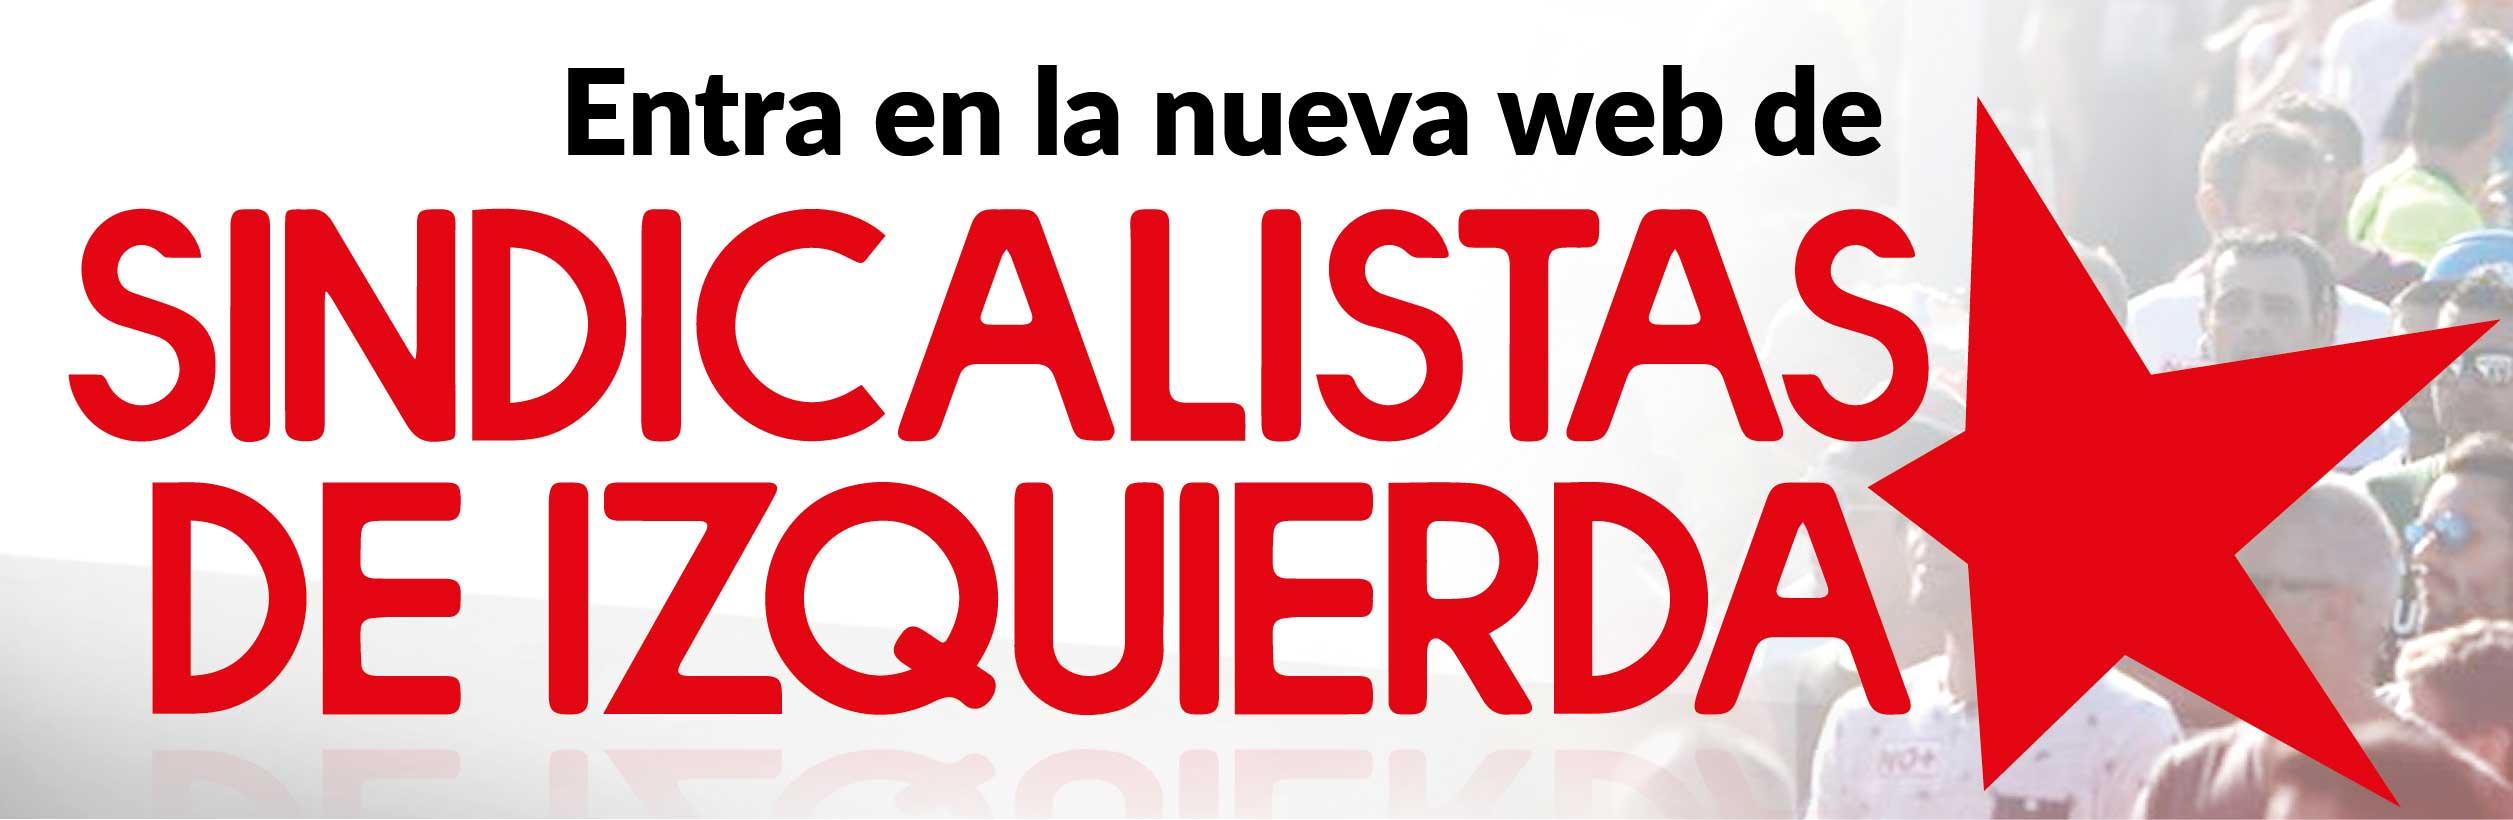 Sindicalistas de Izquierda